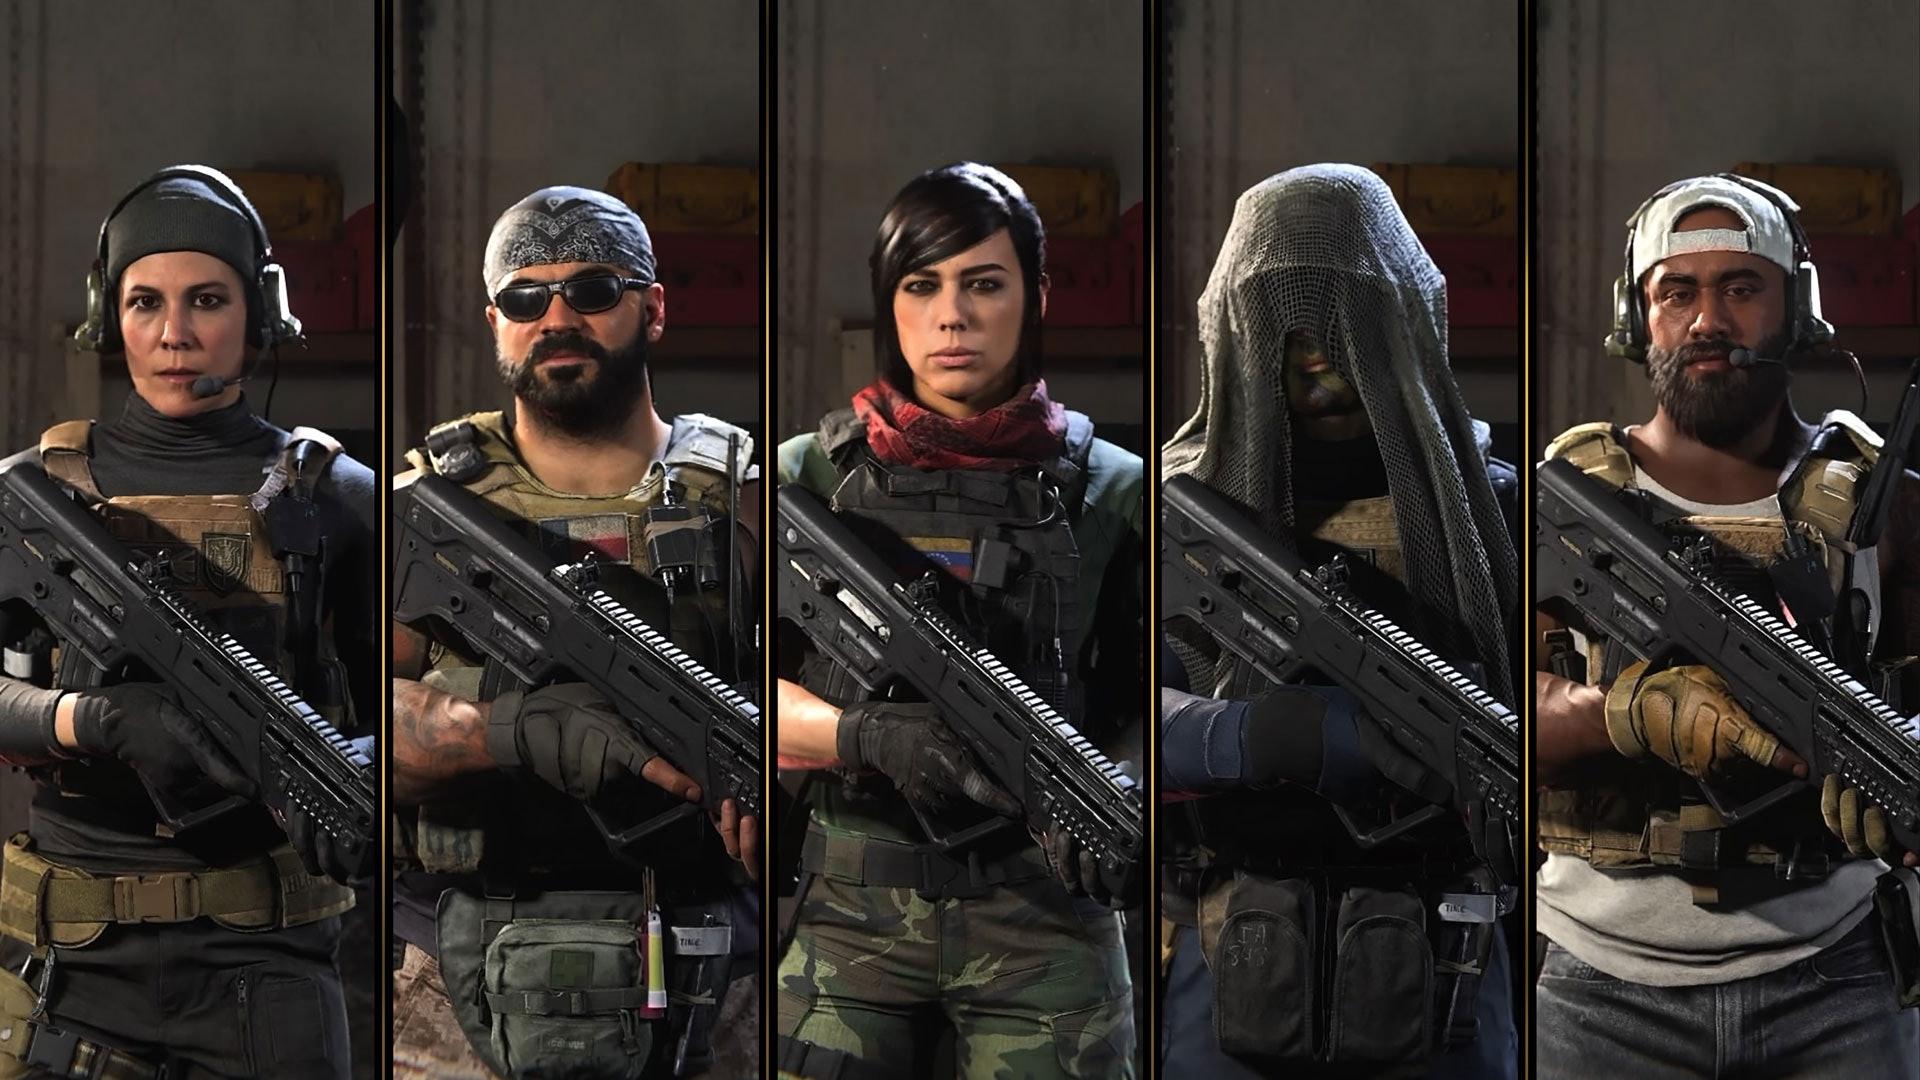 Call Of Duty Modern Warfare Season 4 Teases A Fan Favorite New Operator